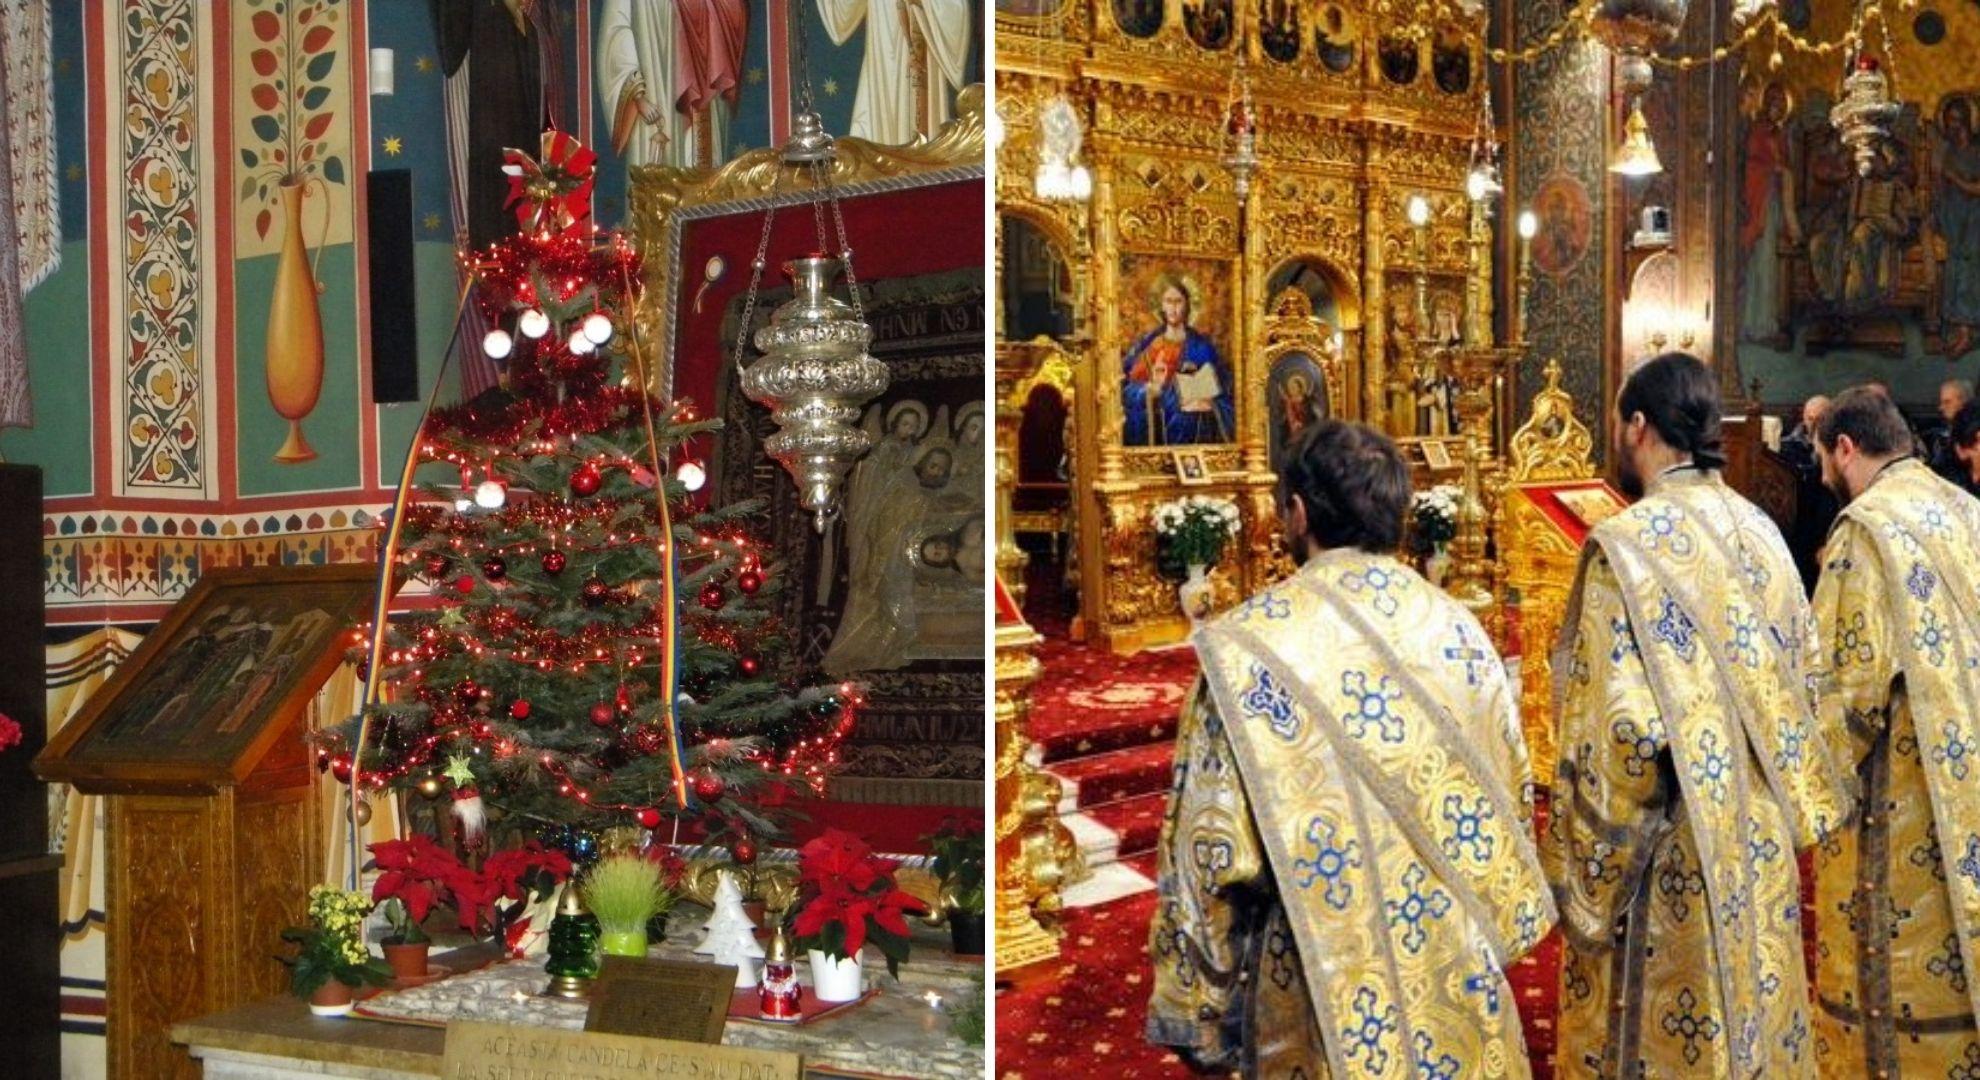 Slujbe de Crăciun în interior sau în exteriorul bisericilor? Credincioșii trebuie să afle asta